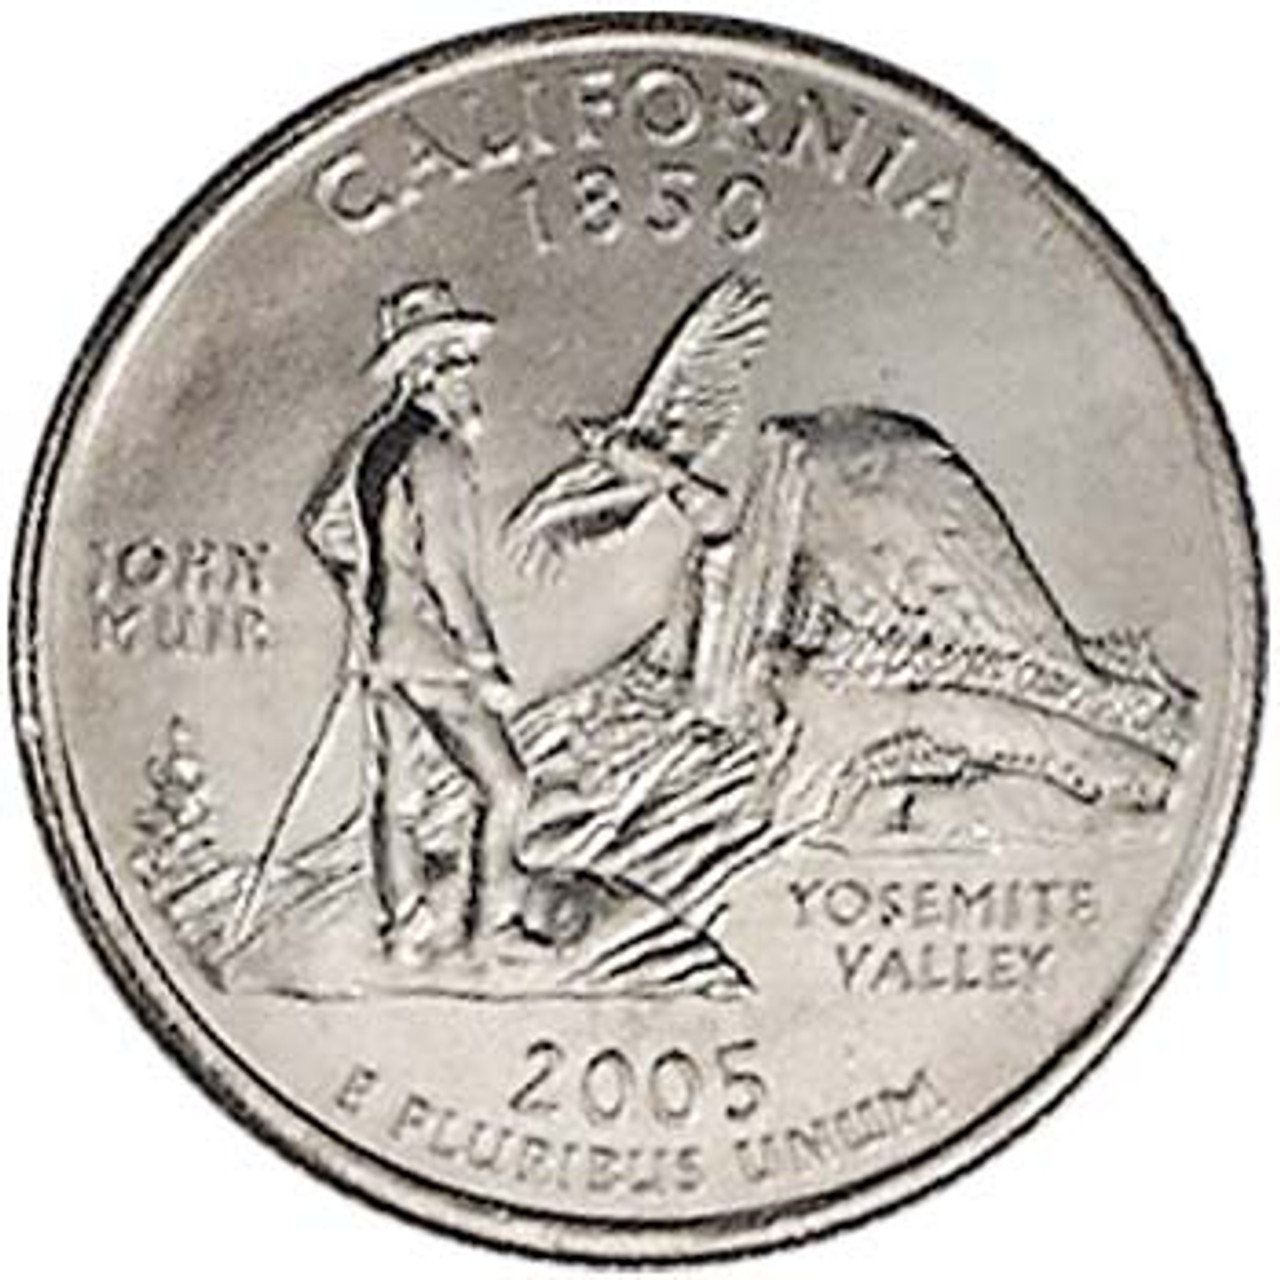 2005-P California Quarter Brilliant Uncirculated Image 1